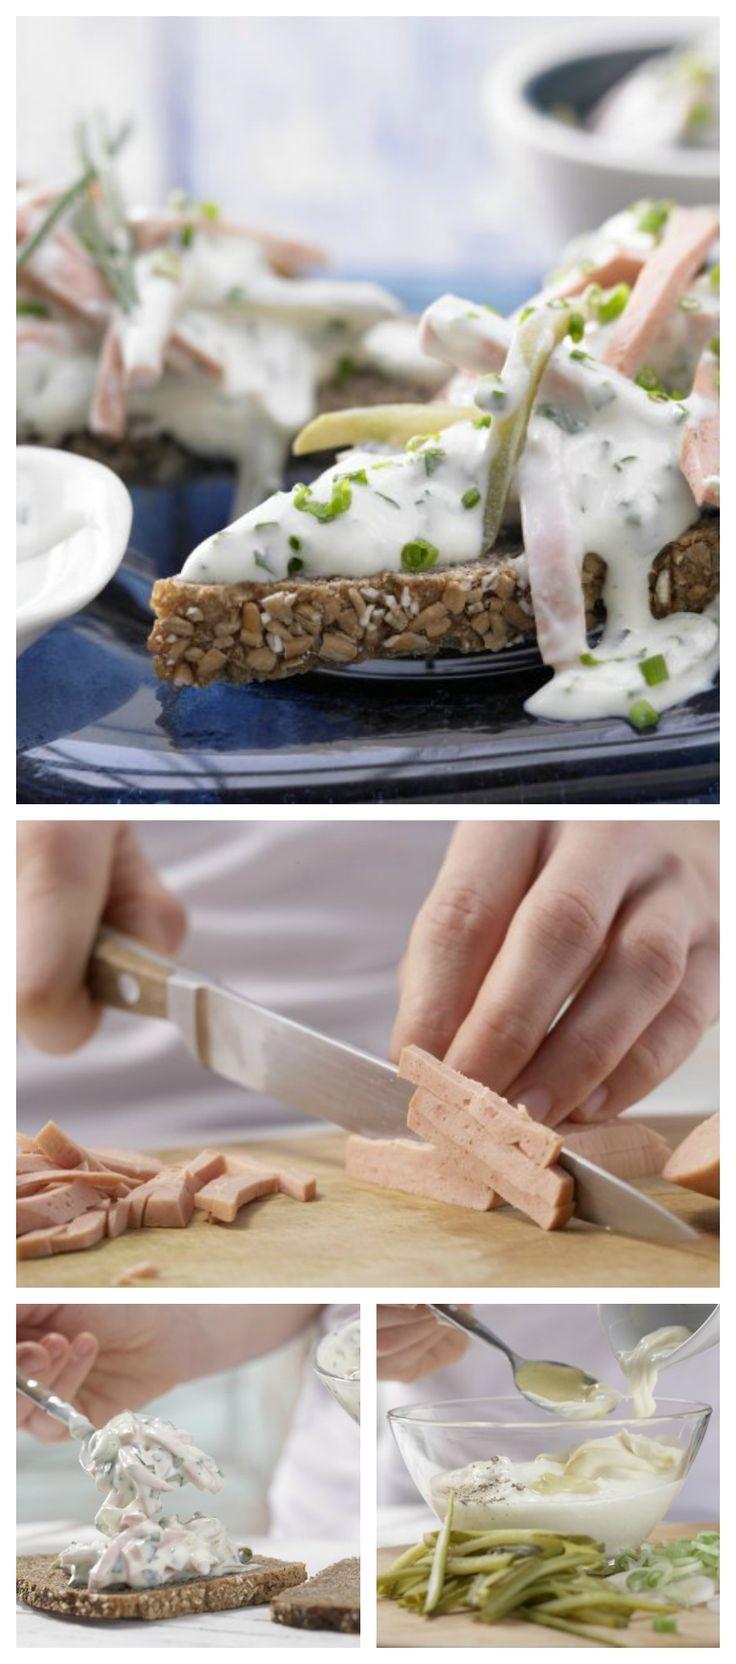 Fleischsalat ist ein legendärer Frühstücks- und Abendbrotklassiker für alle, die es herzhaft mögen: Fleischsalat mit Kräutern und Joghurt-Senf-Sauce | http://eatsmarter.de/rezepte/fleischsalat-kraeutern